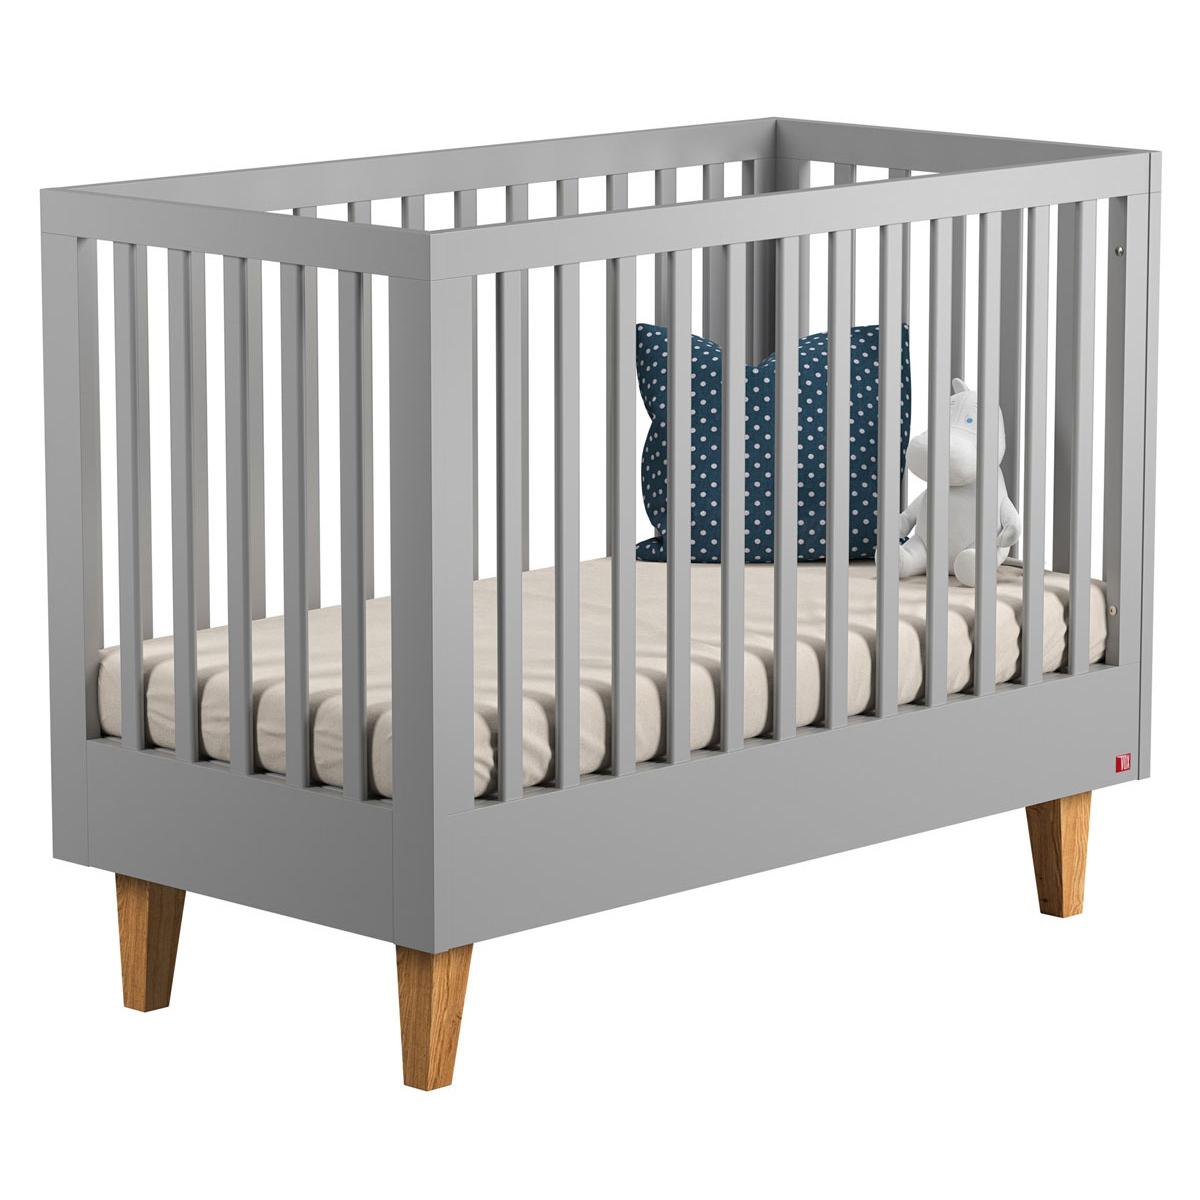 Lit bébé Lit Bébé Lounge Gris -  60 x 120 cm Lit Bébé Lounge Gris -  60 x 120 cm